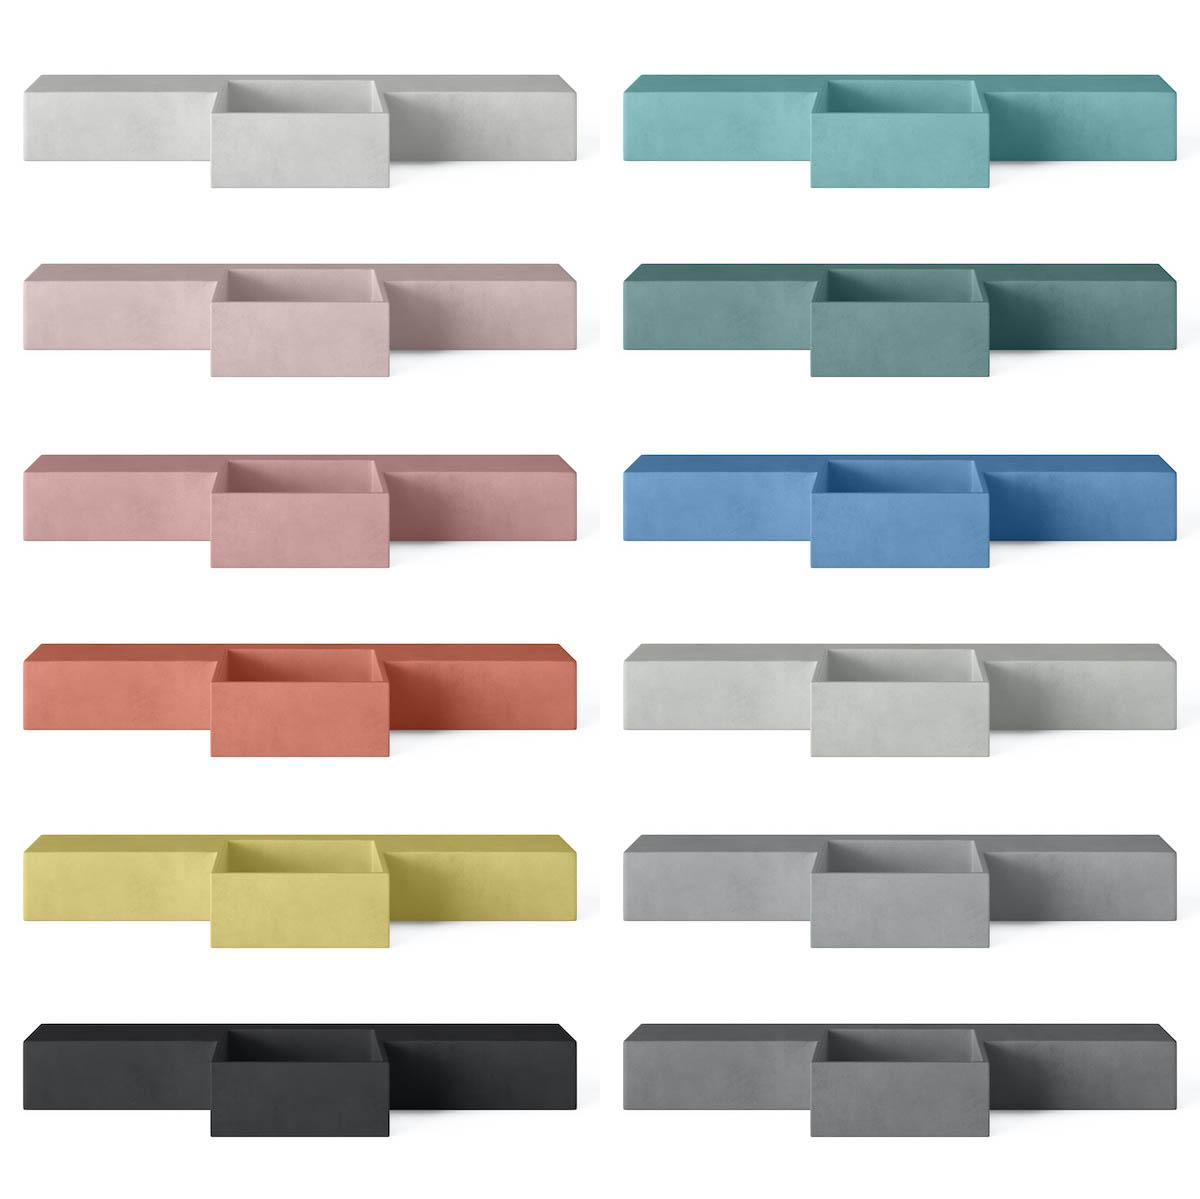 Concrete cloakroom basins in 12 different colours - Mirro Square by Concrete Studio